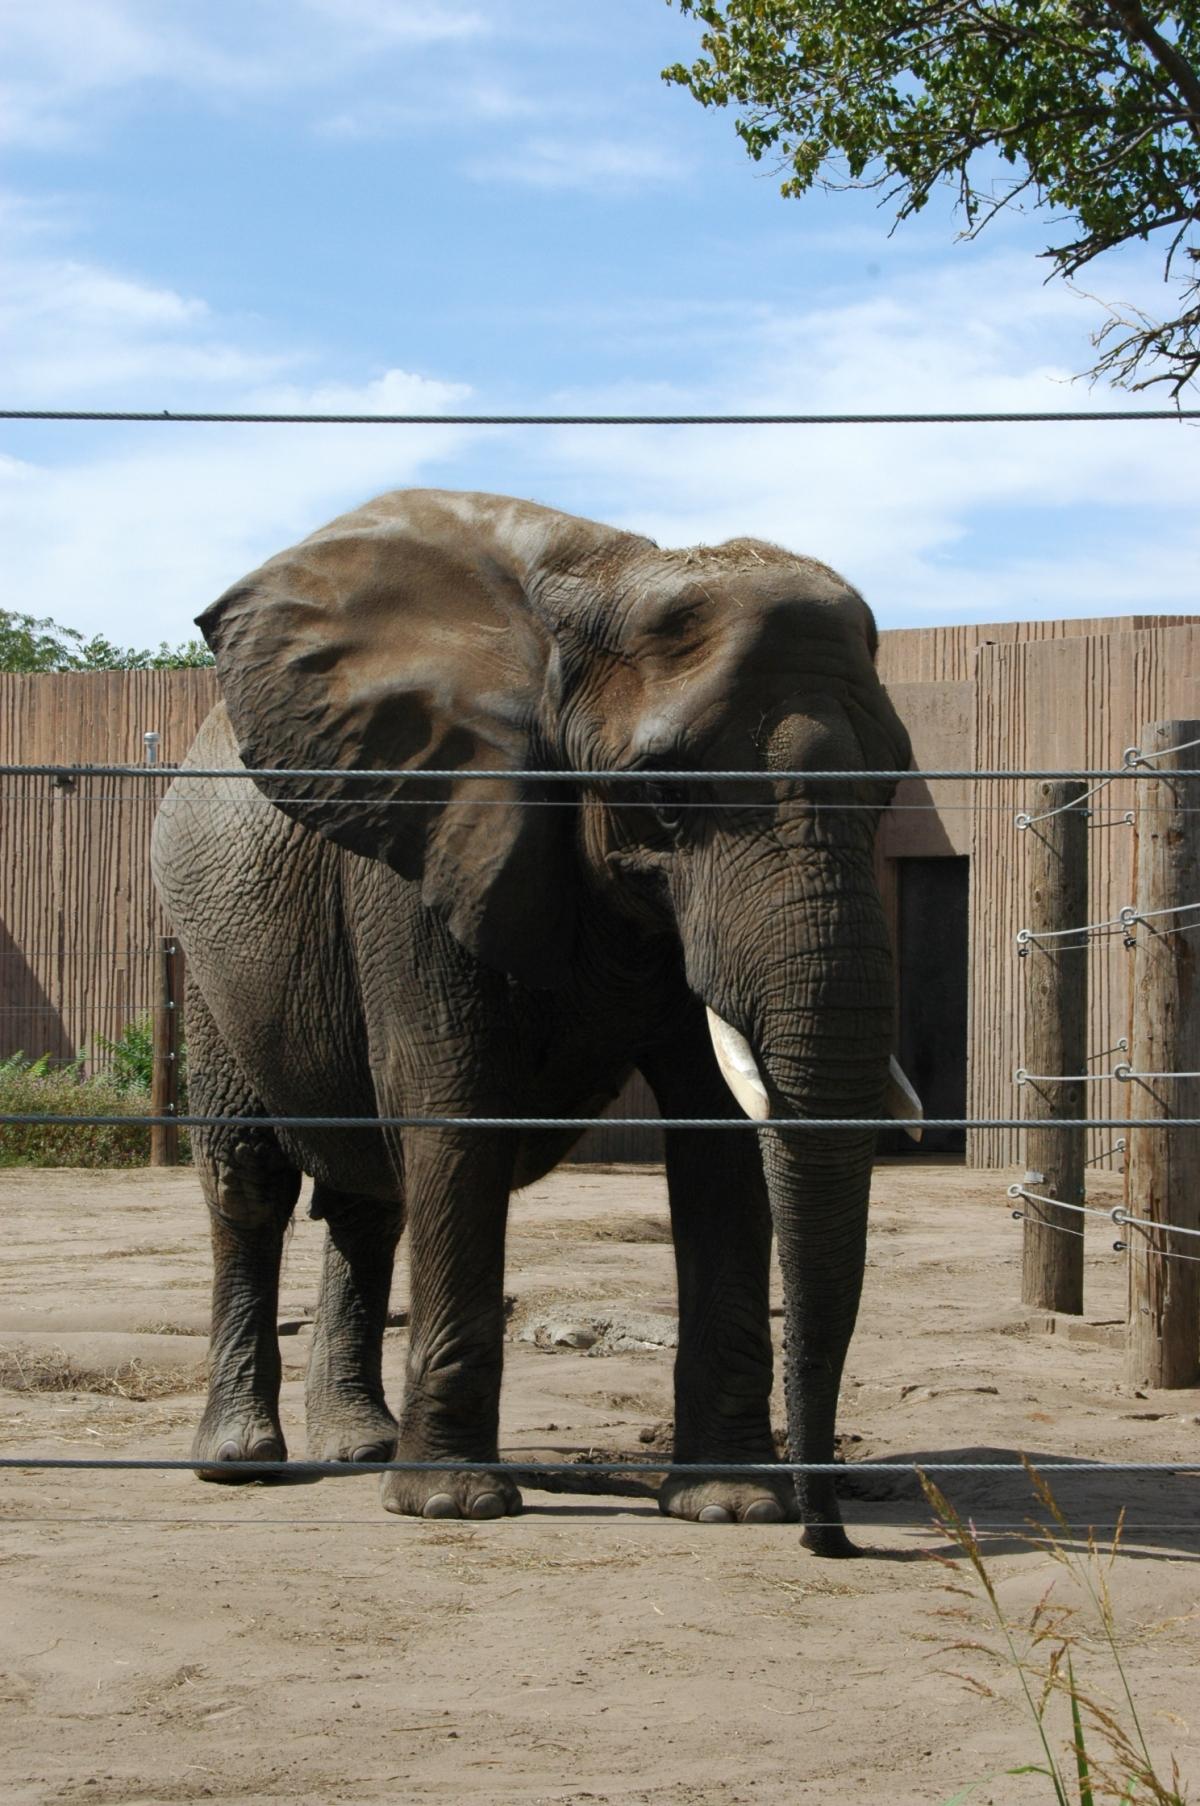 Elephant at the Sedgwick County Zoo - Wichita, KS